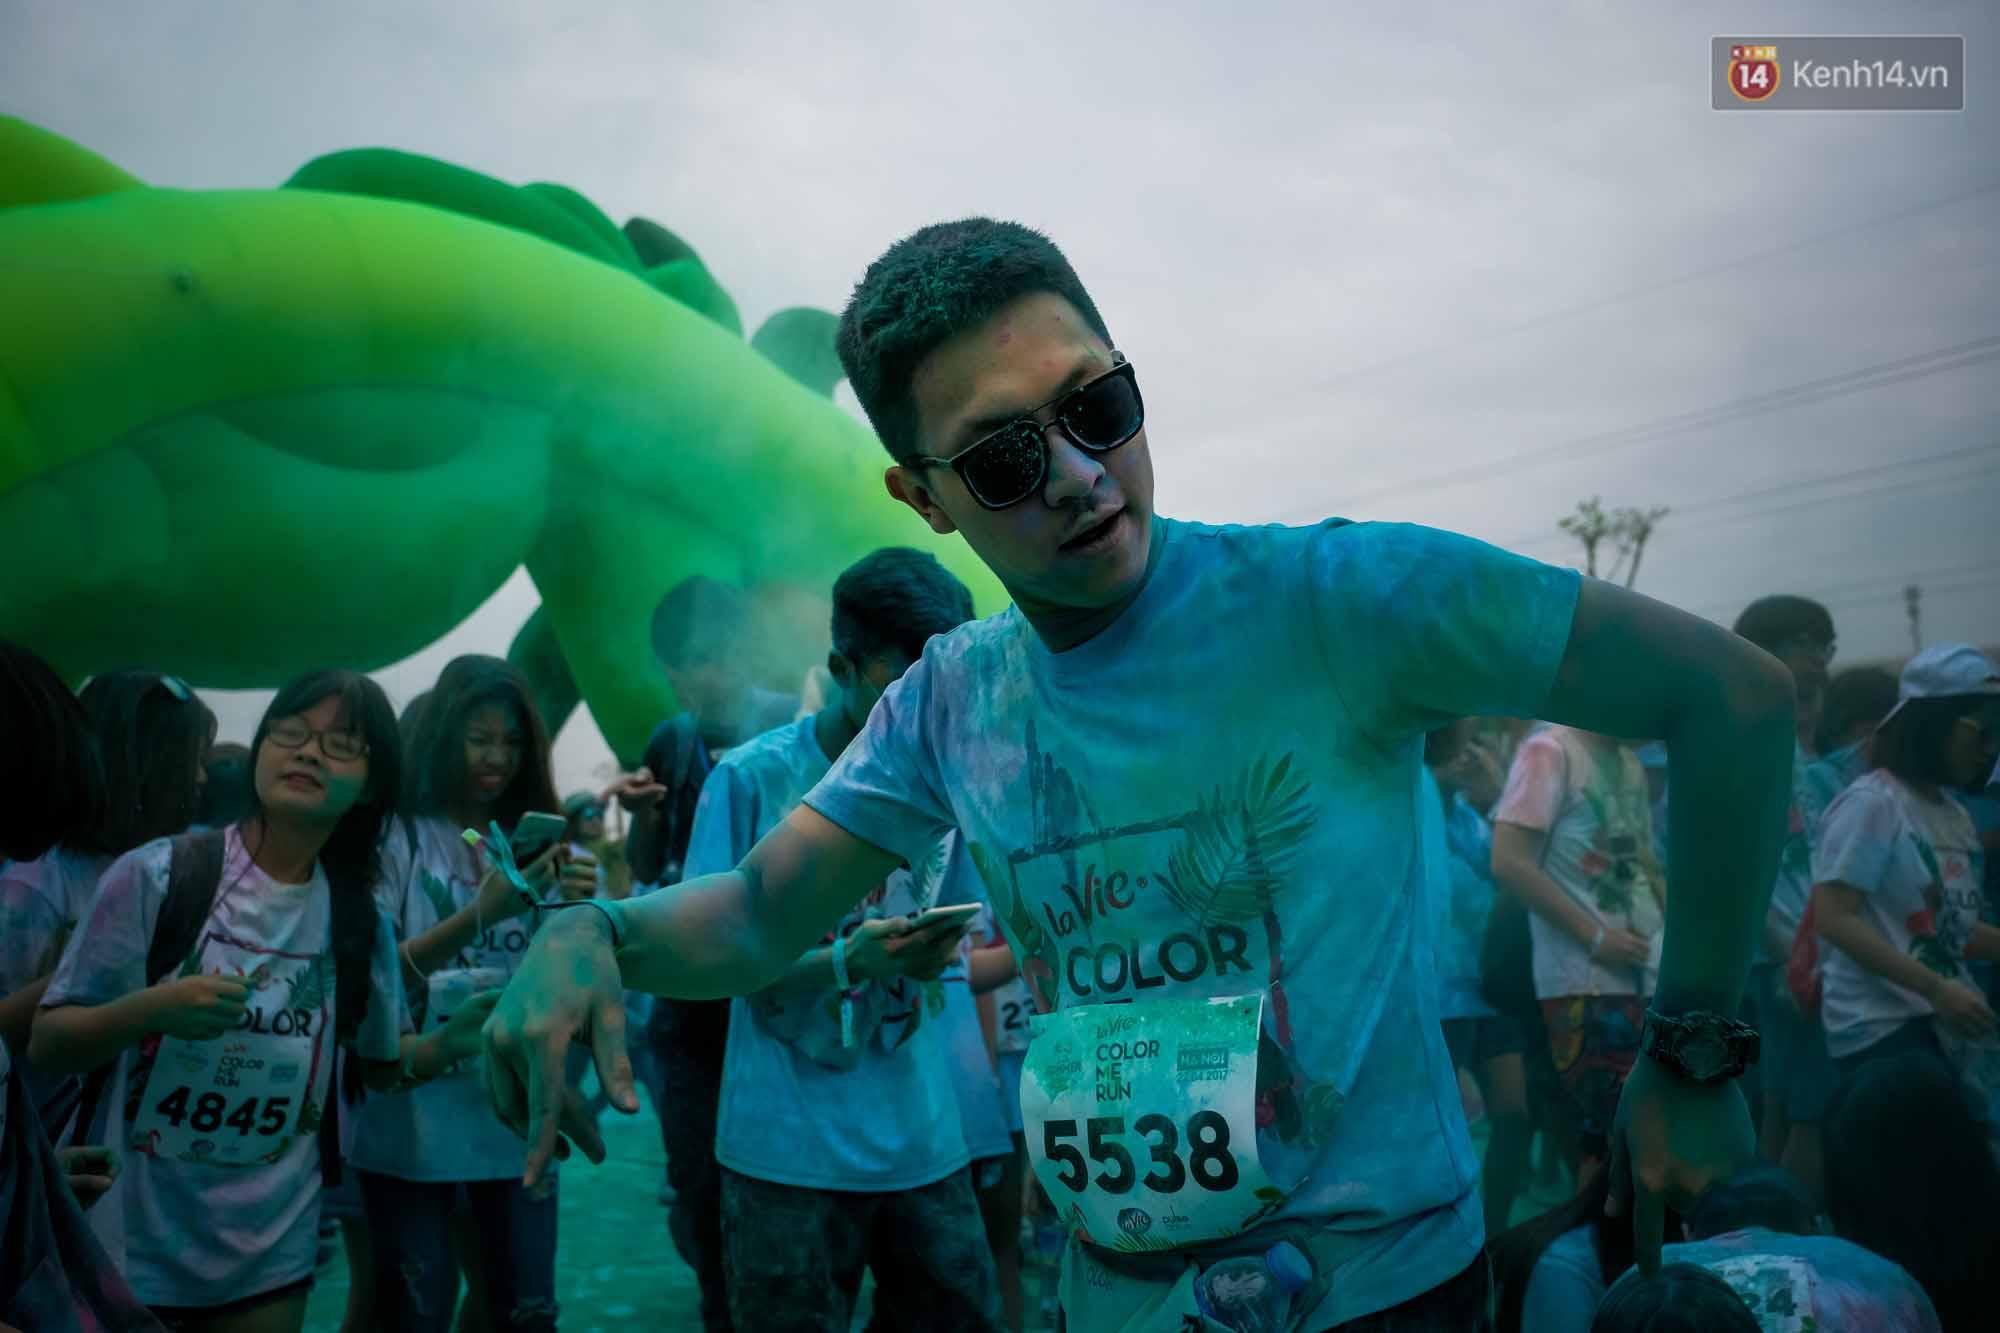 Những khoảnh khắc chứng minh đi Color Me Run lúc nào cũng vui và được quẩy hết mình! - Ảnh 15.